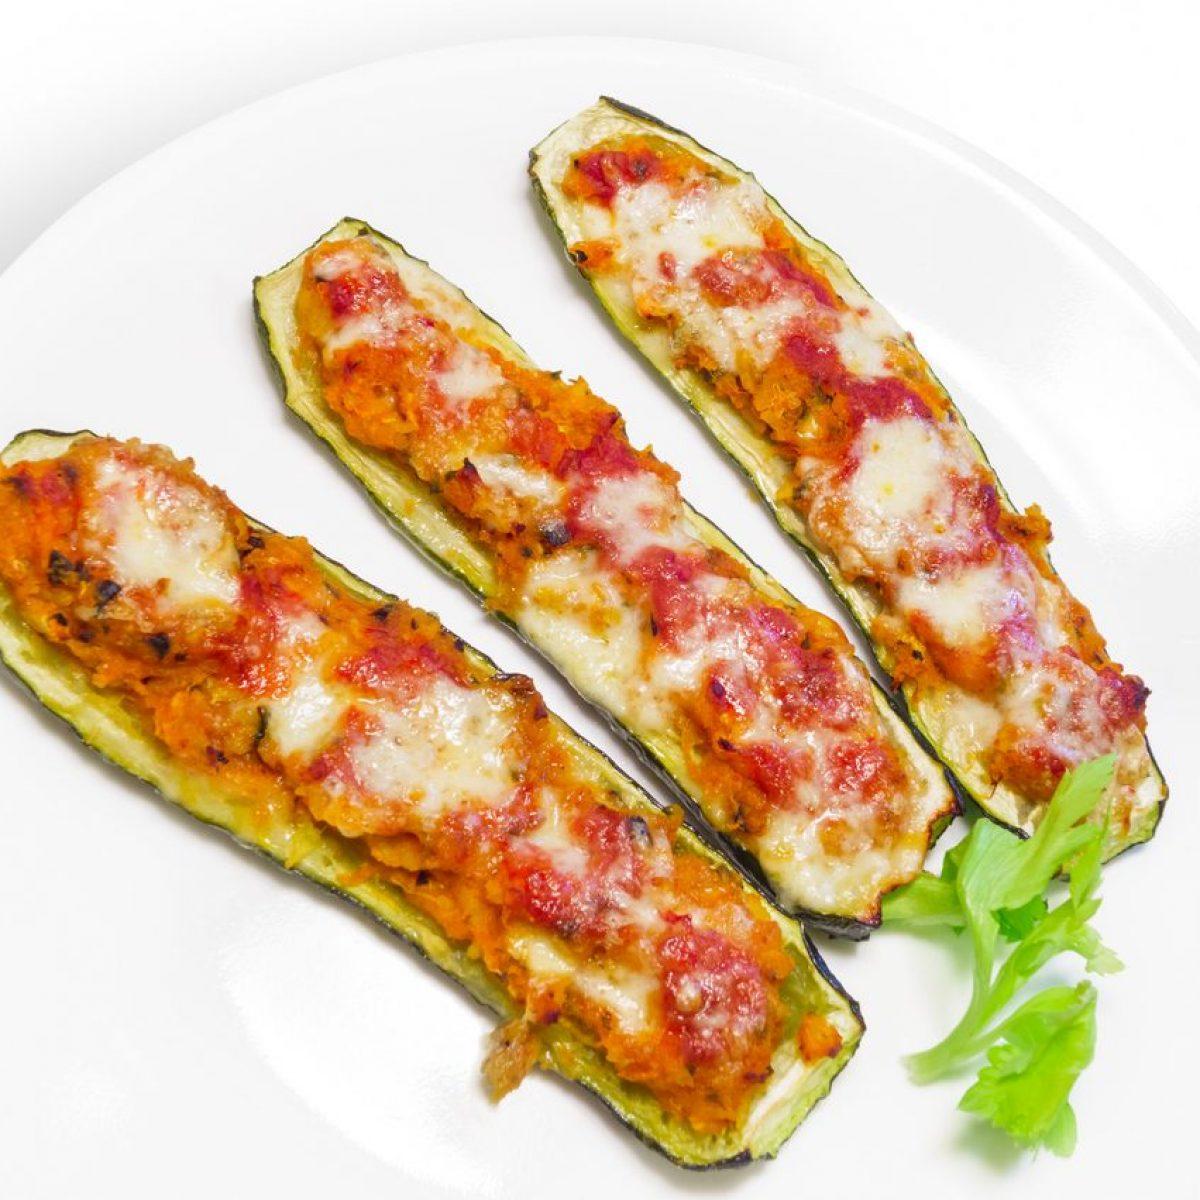 Ricetta Zucchine Ripiene Con Tonno.Barchette Di Zucchine Ripiene La Ricetta Del Secondo Piatto Filante E Gustoso